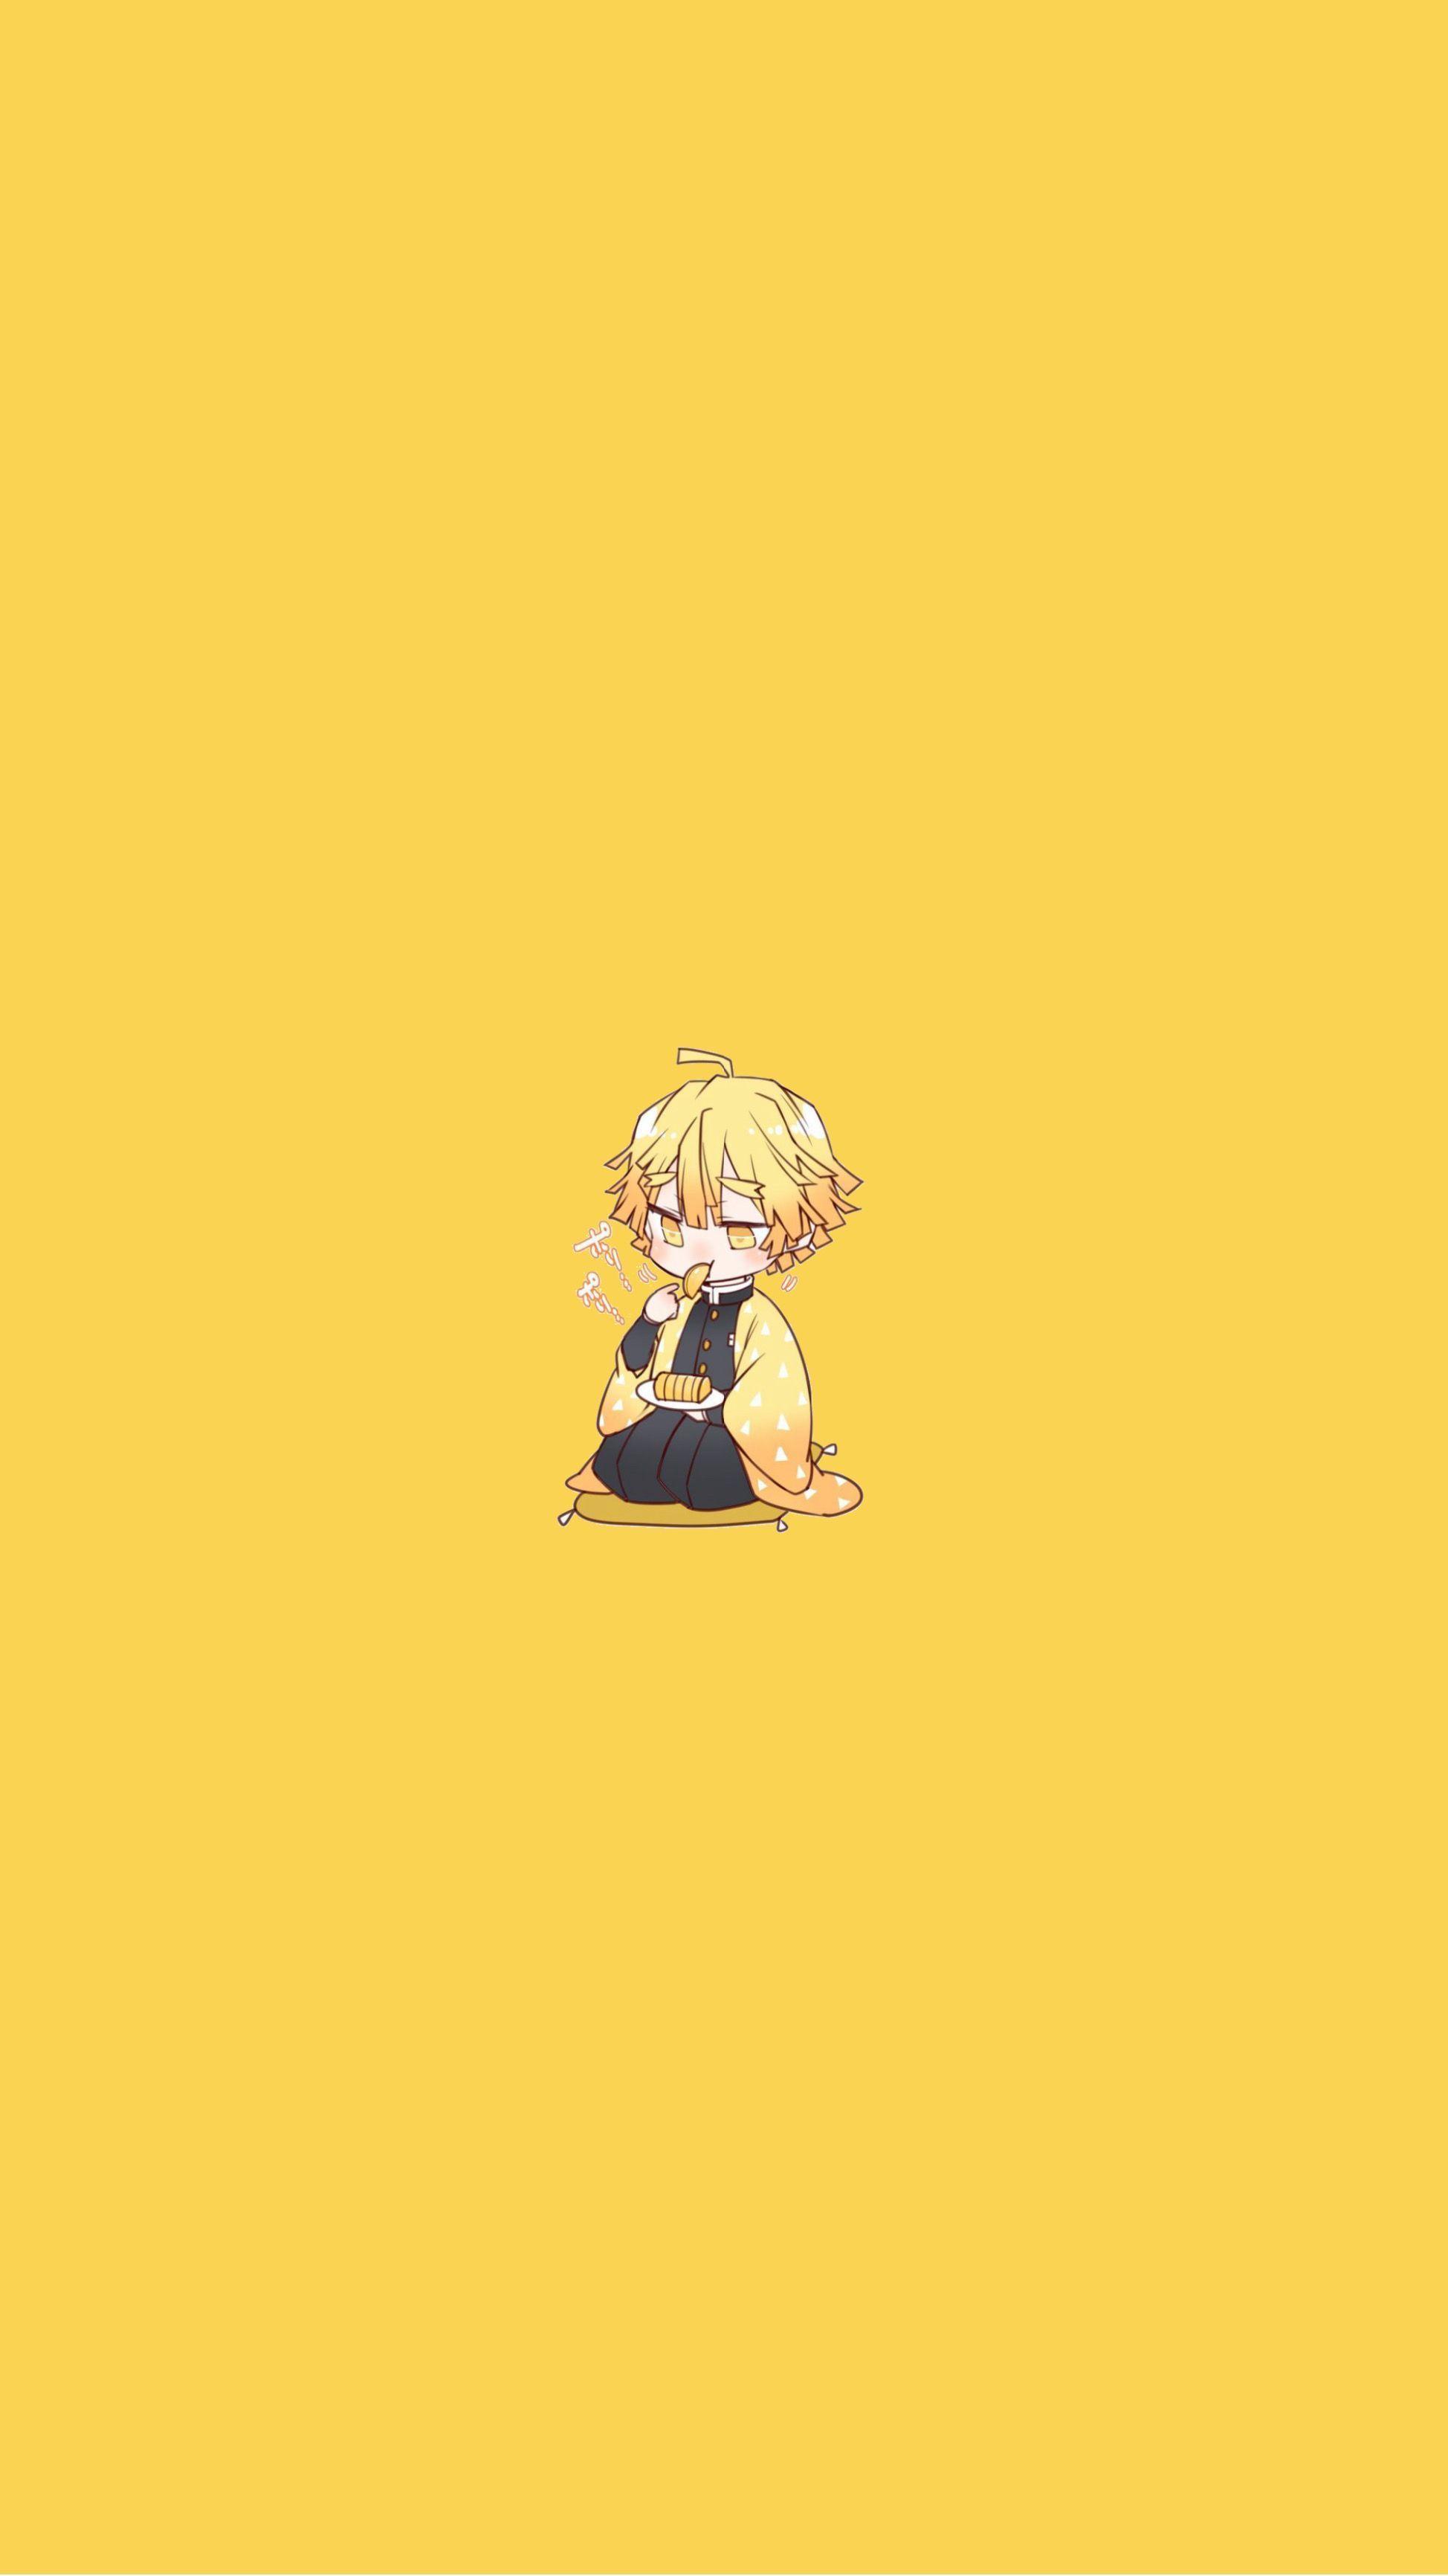 Wappa Per Nez Wapper Zen In 2020 Anime Wallpaper Iphone Cute Anime Wallpaper Cute Wallpapers